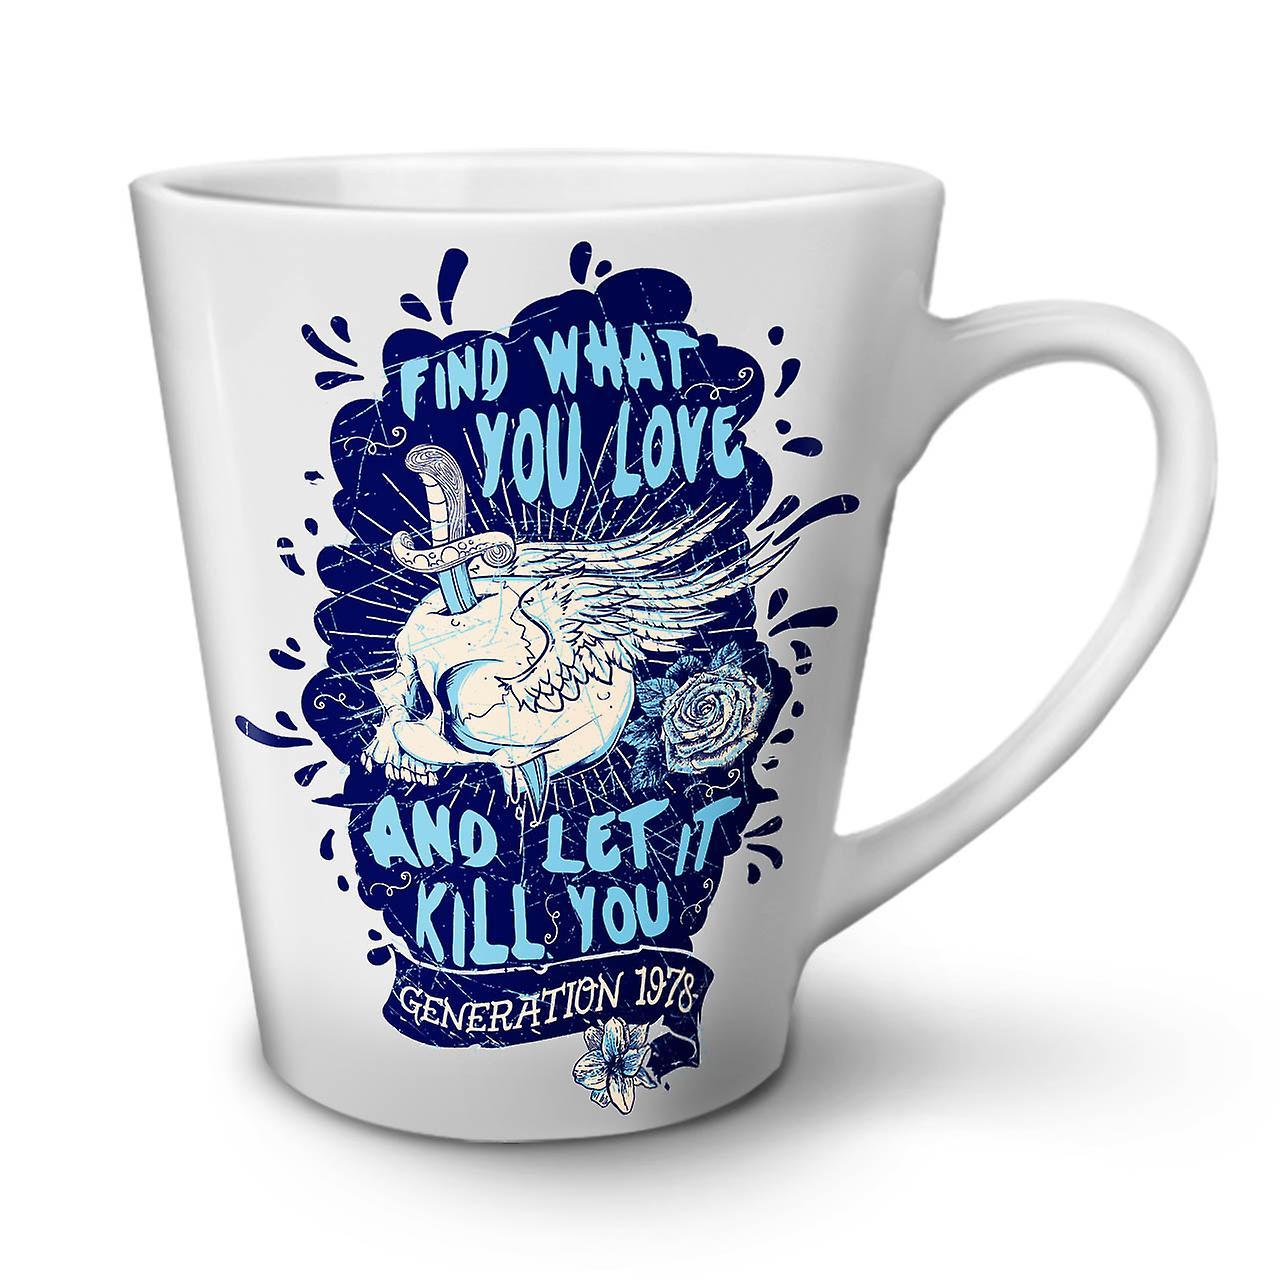 Latte Ce Tasse Nouvelle Que Blanche En Céramique Amour 12 Vous Crâne Café Trouver OzWellcoda cA5LRj34q